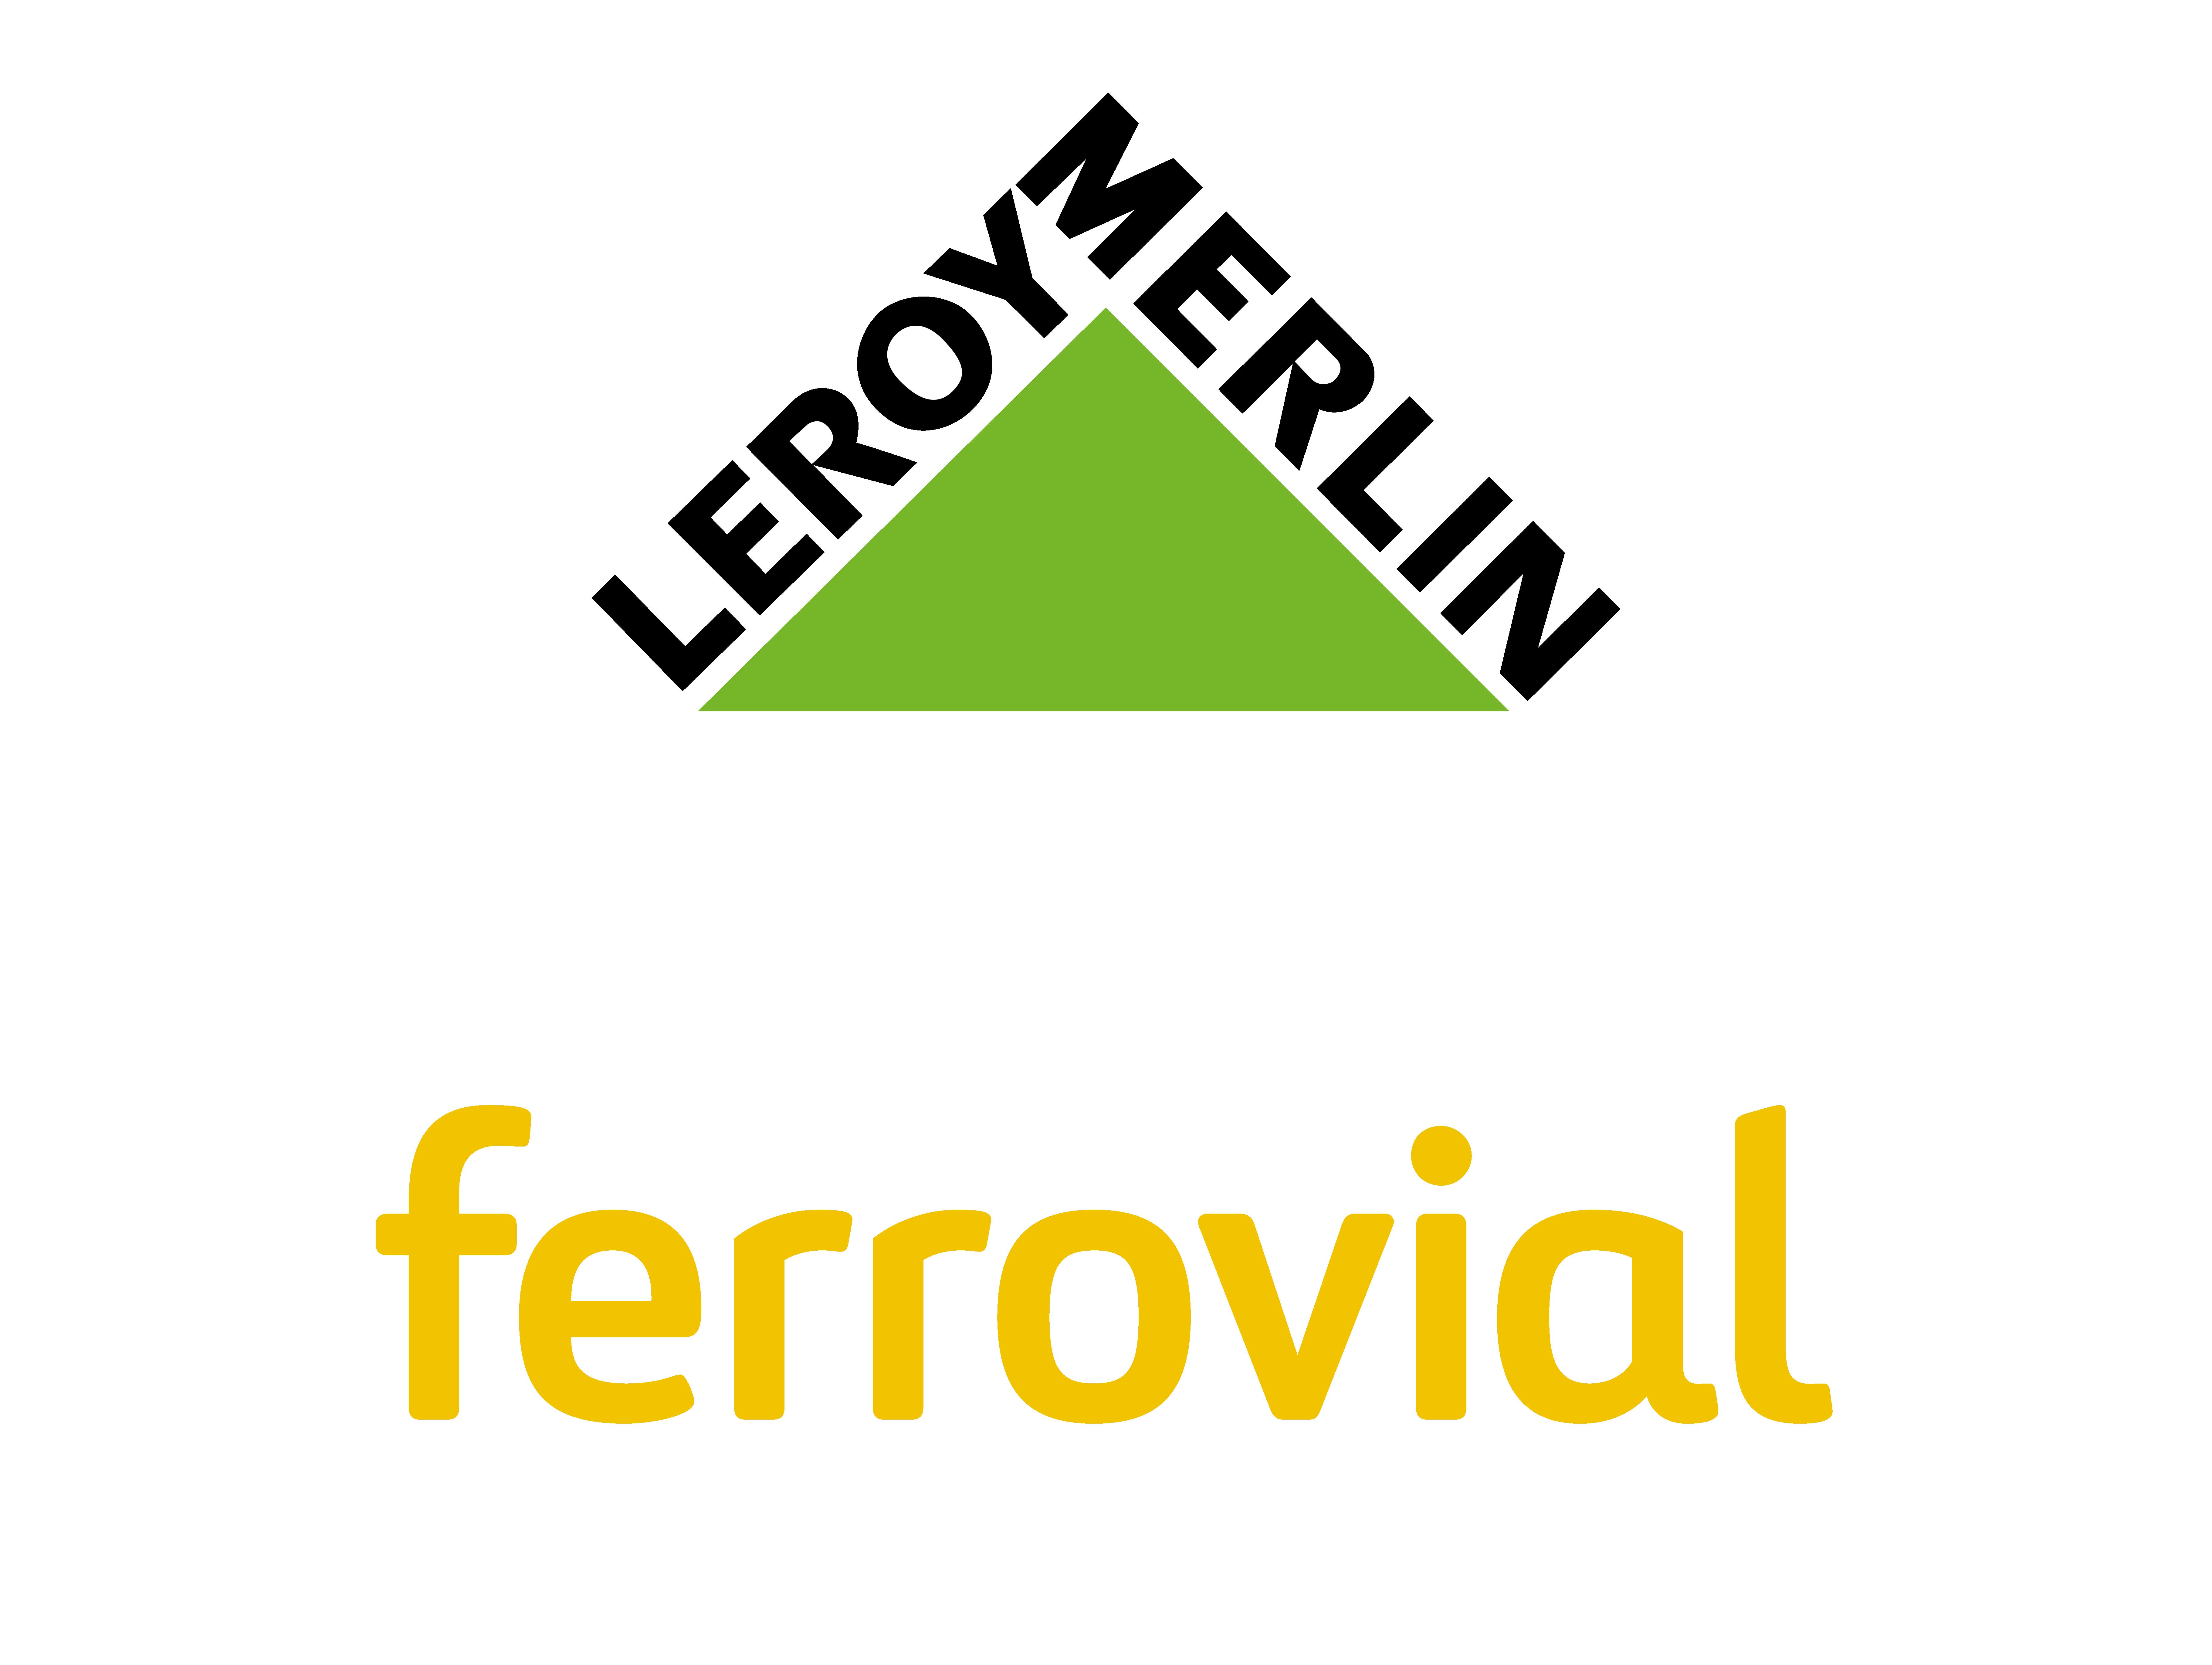 grupo_resnova_leroy_merlin_ferrovial